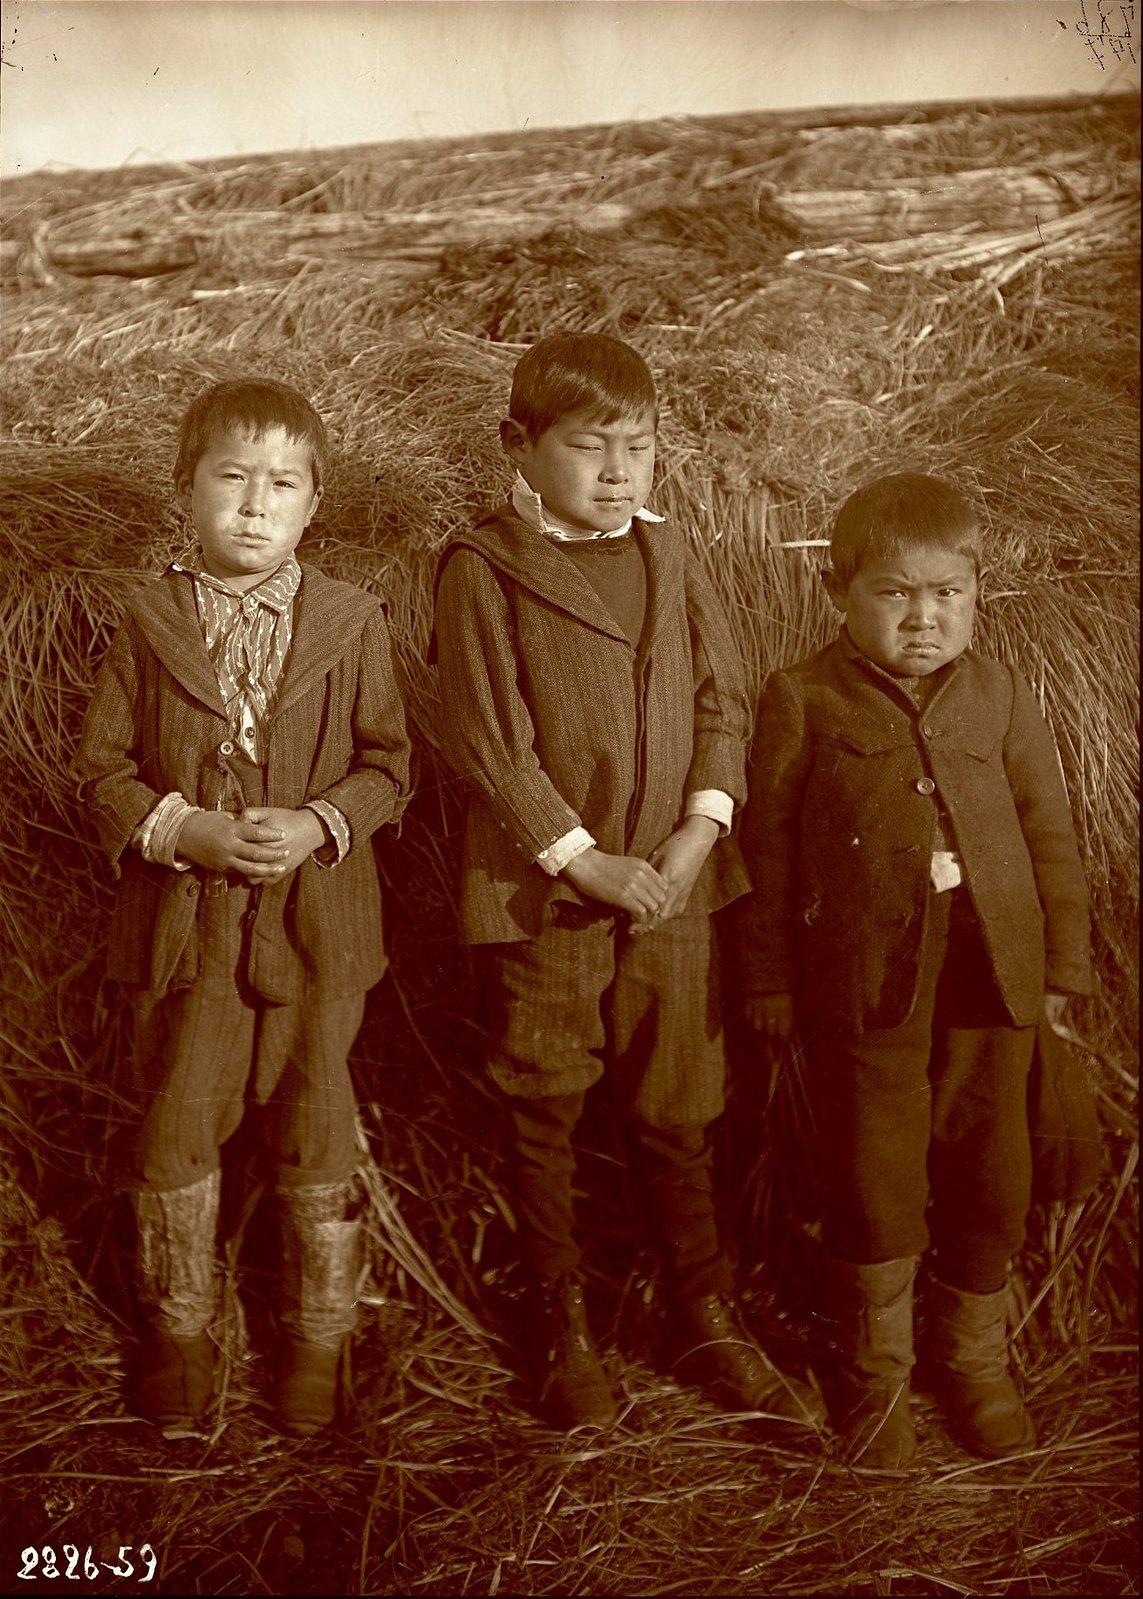 1909. 30 ноября. Алеутские мальчики. Умнак остров, с. Никольское